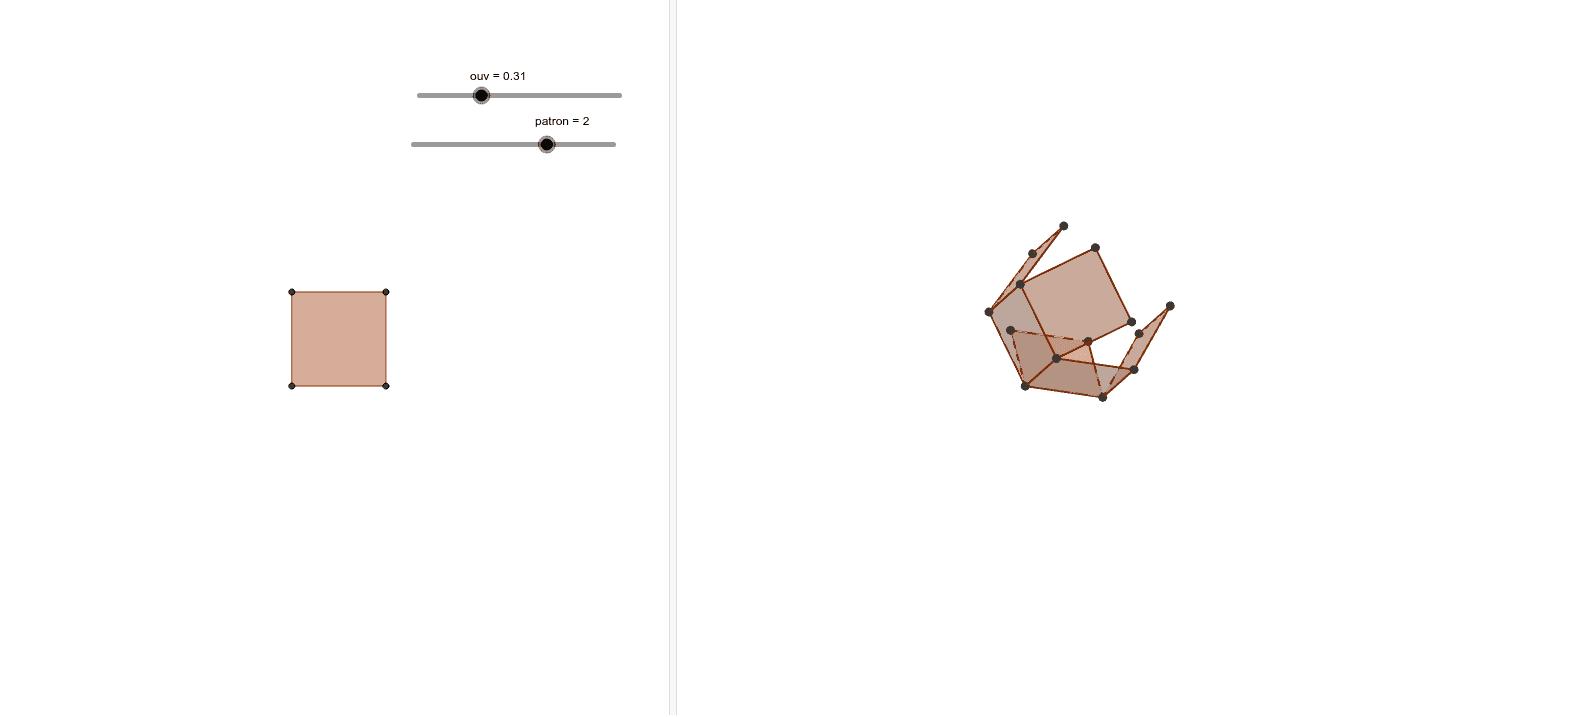 Trois patrons à choisir par le curseur «patron» (0, 1, 2 ou 3) et à créer avec le curseur «ouv».